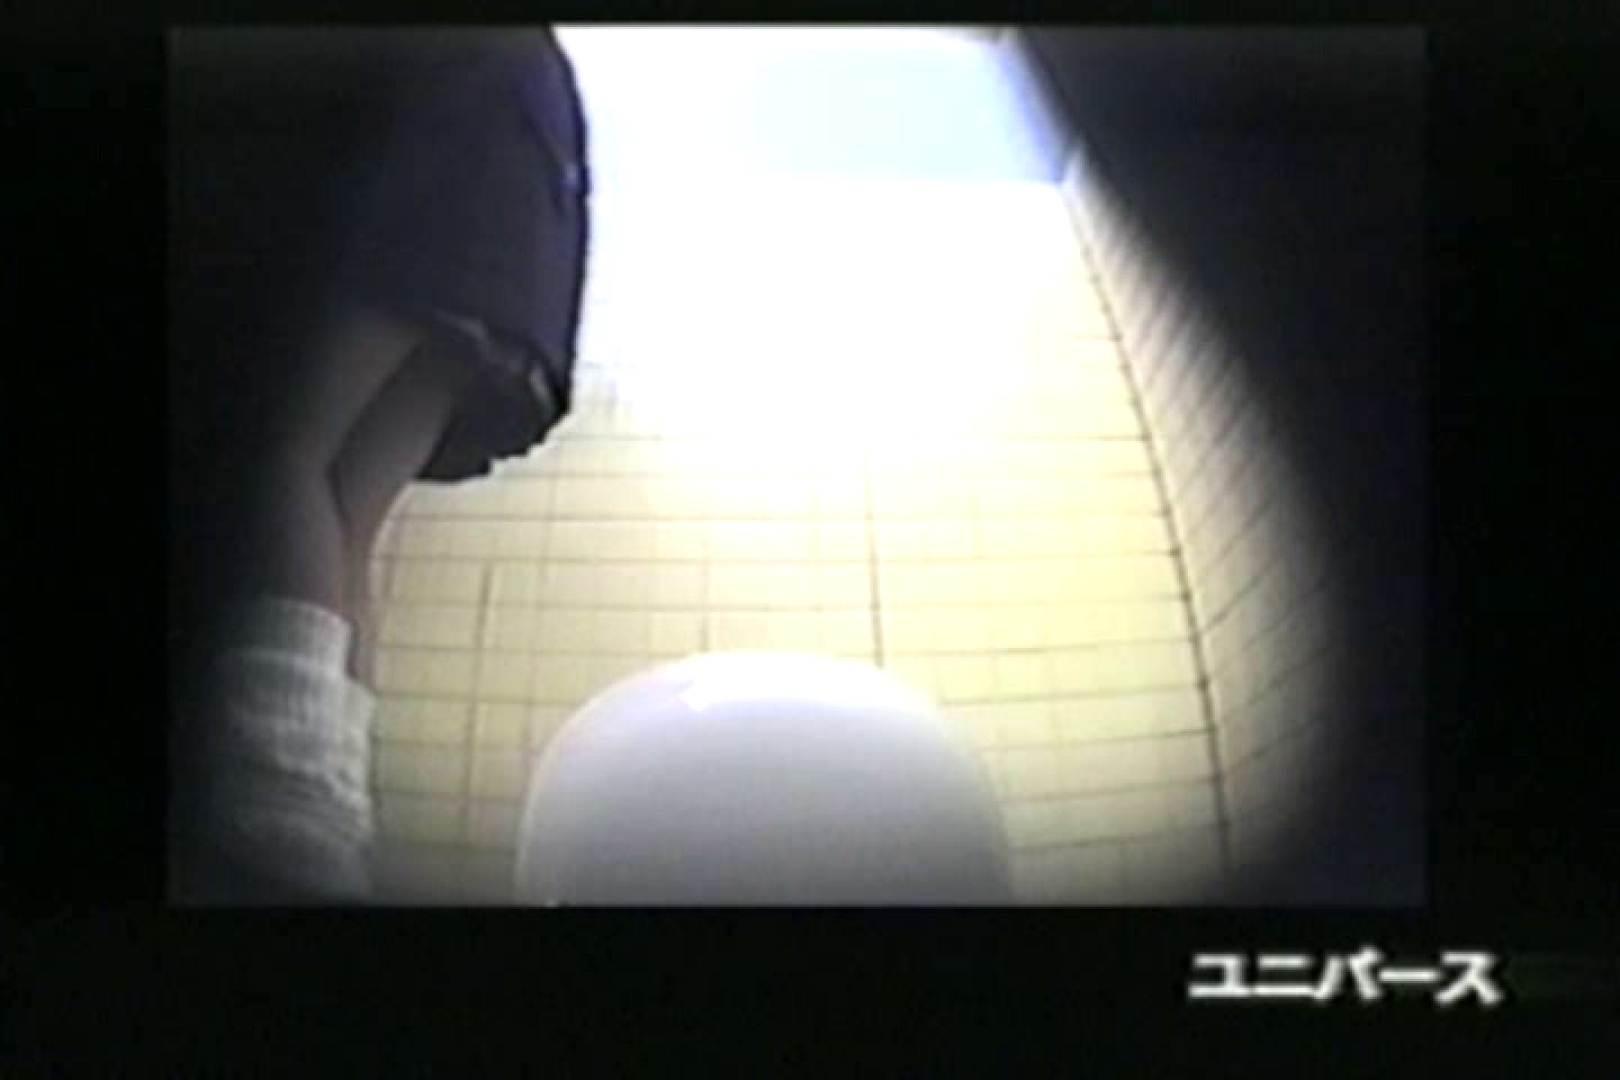 下半身シースルー洗面所Vol.3 美しいOLの裸体 盗み撮り動画キャプチャ 106pic 97